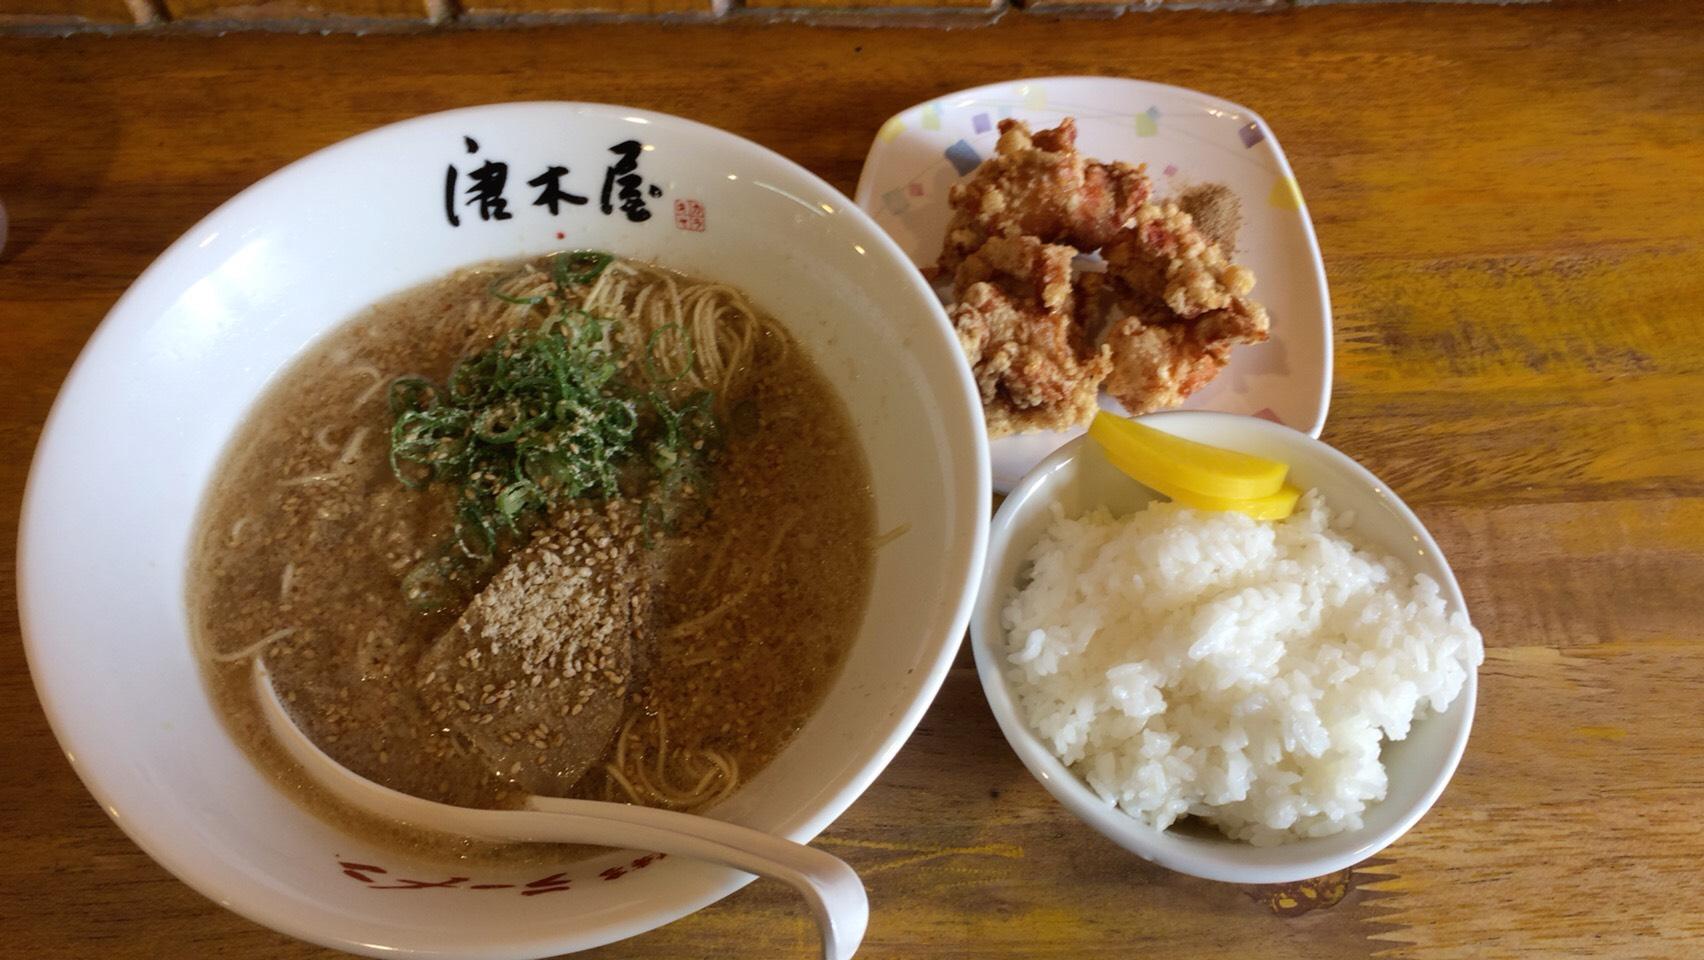 コスパがすごい!!ラーメン290円!「唐木屋 六本松店」